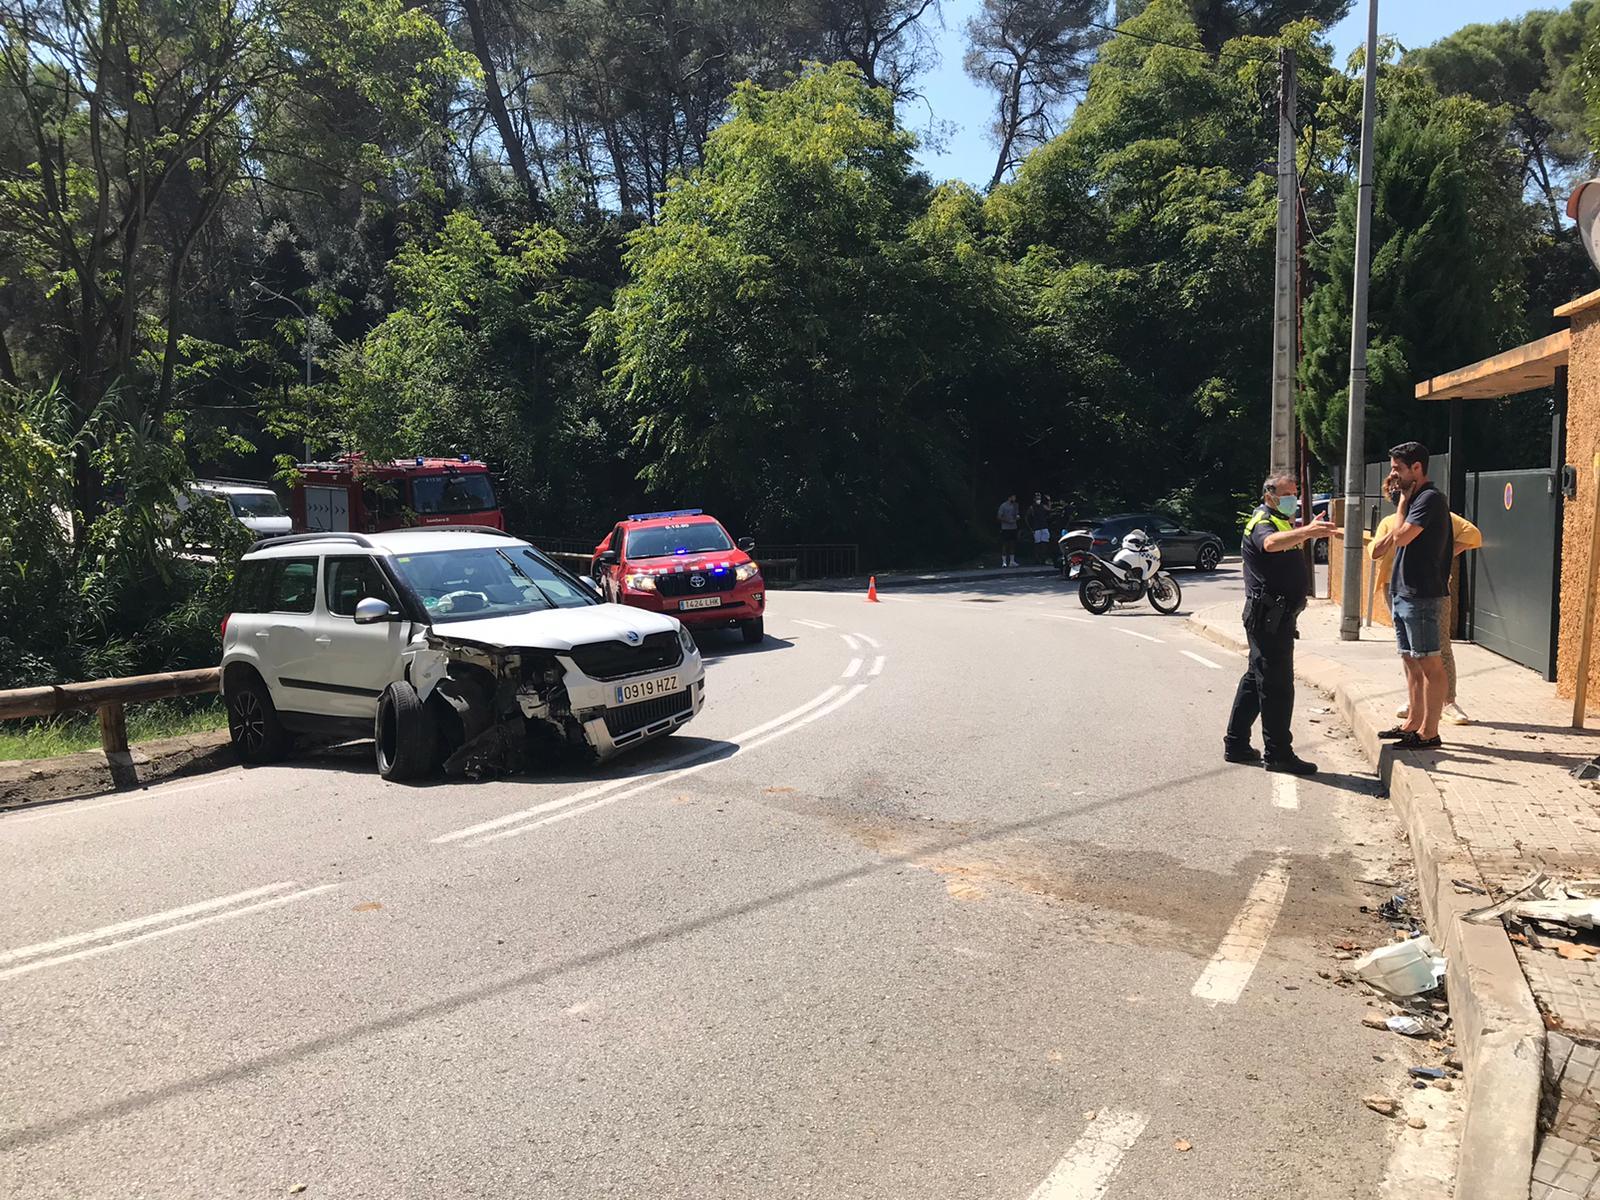 Així ha quedat el cotxe després de l'accident | Redacció